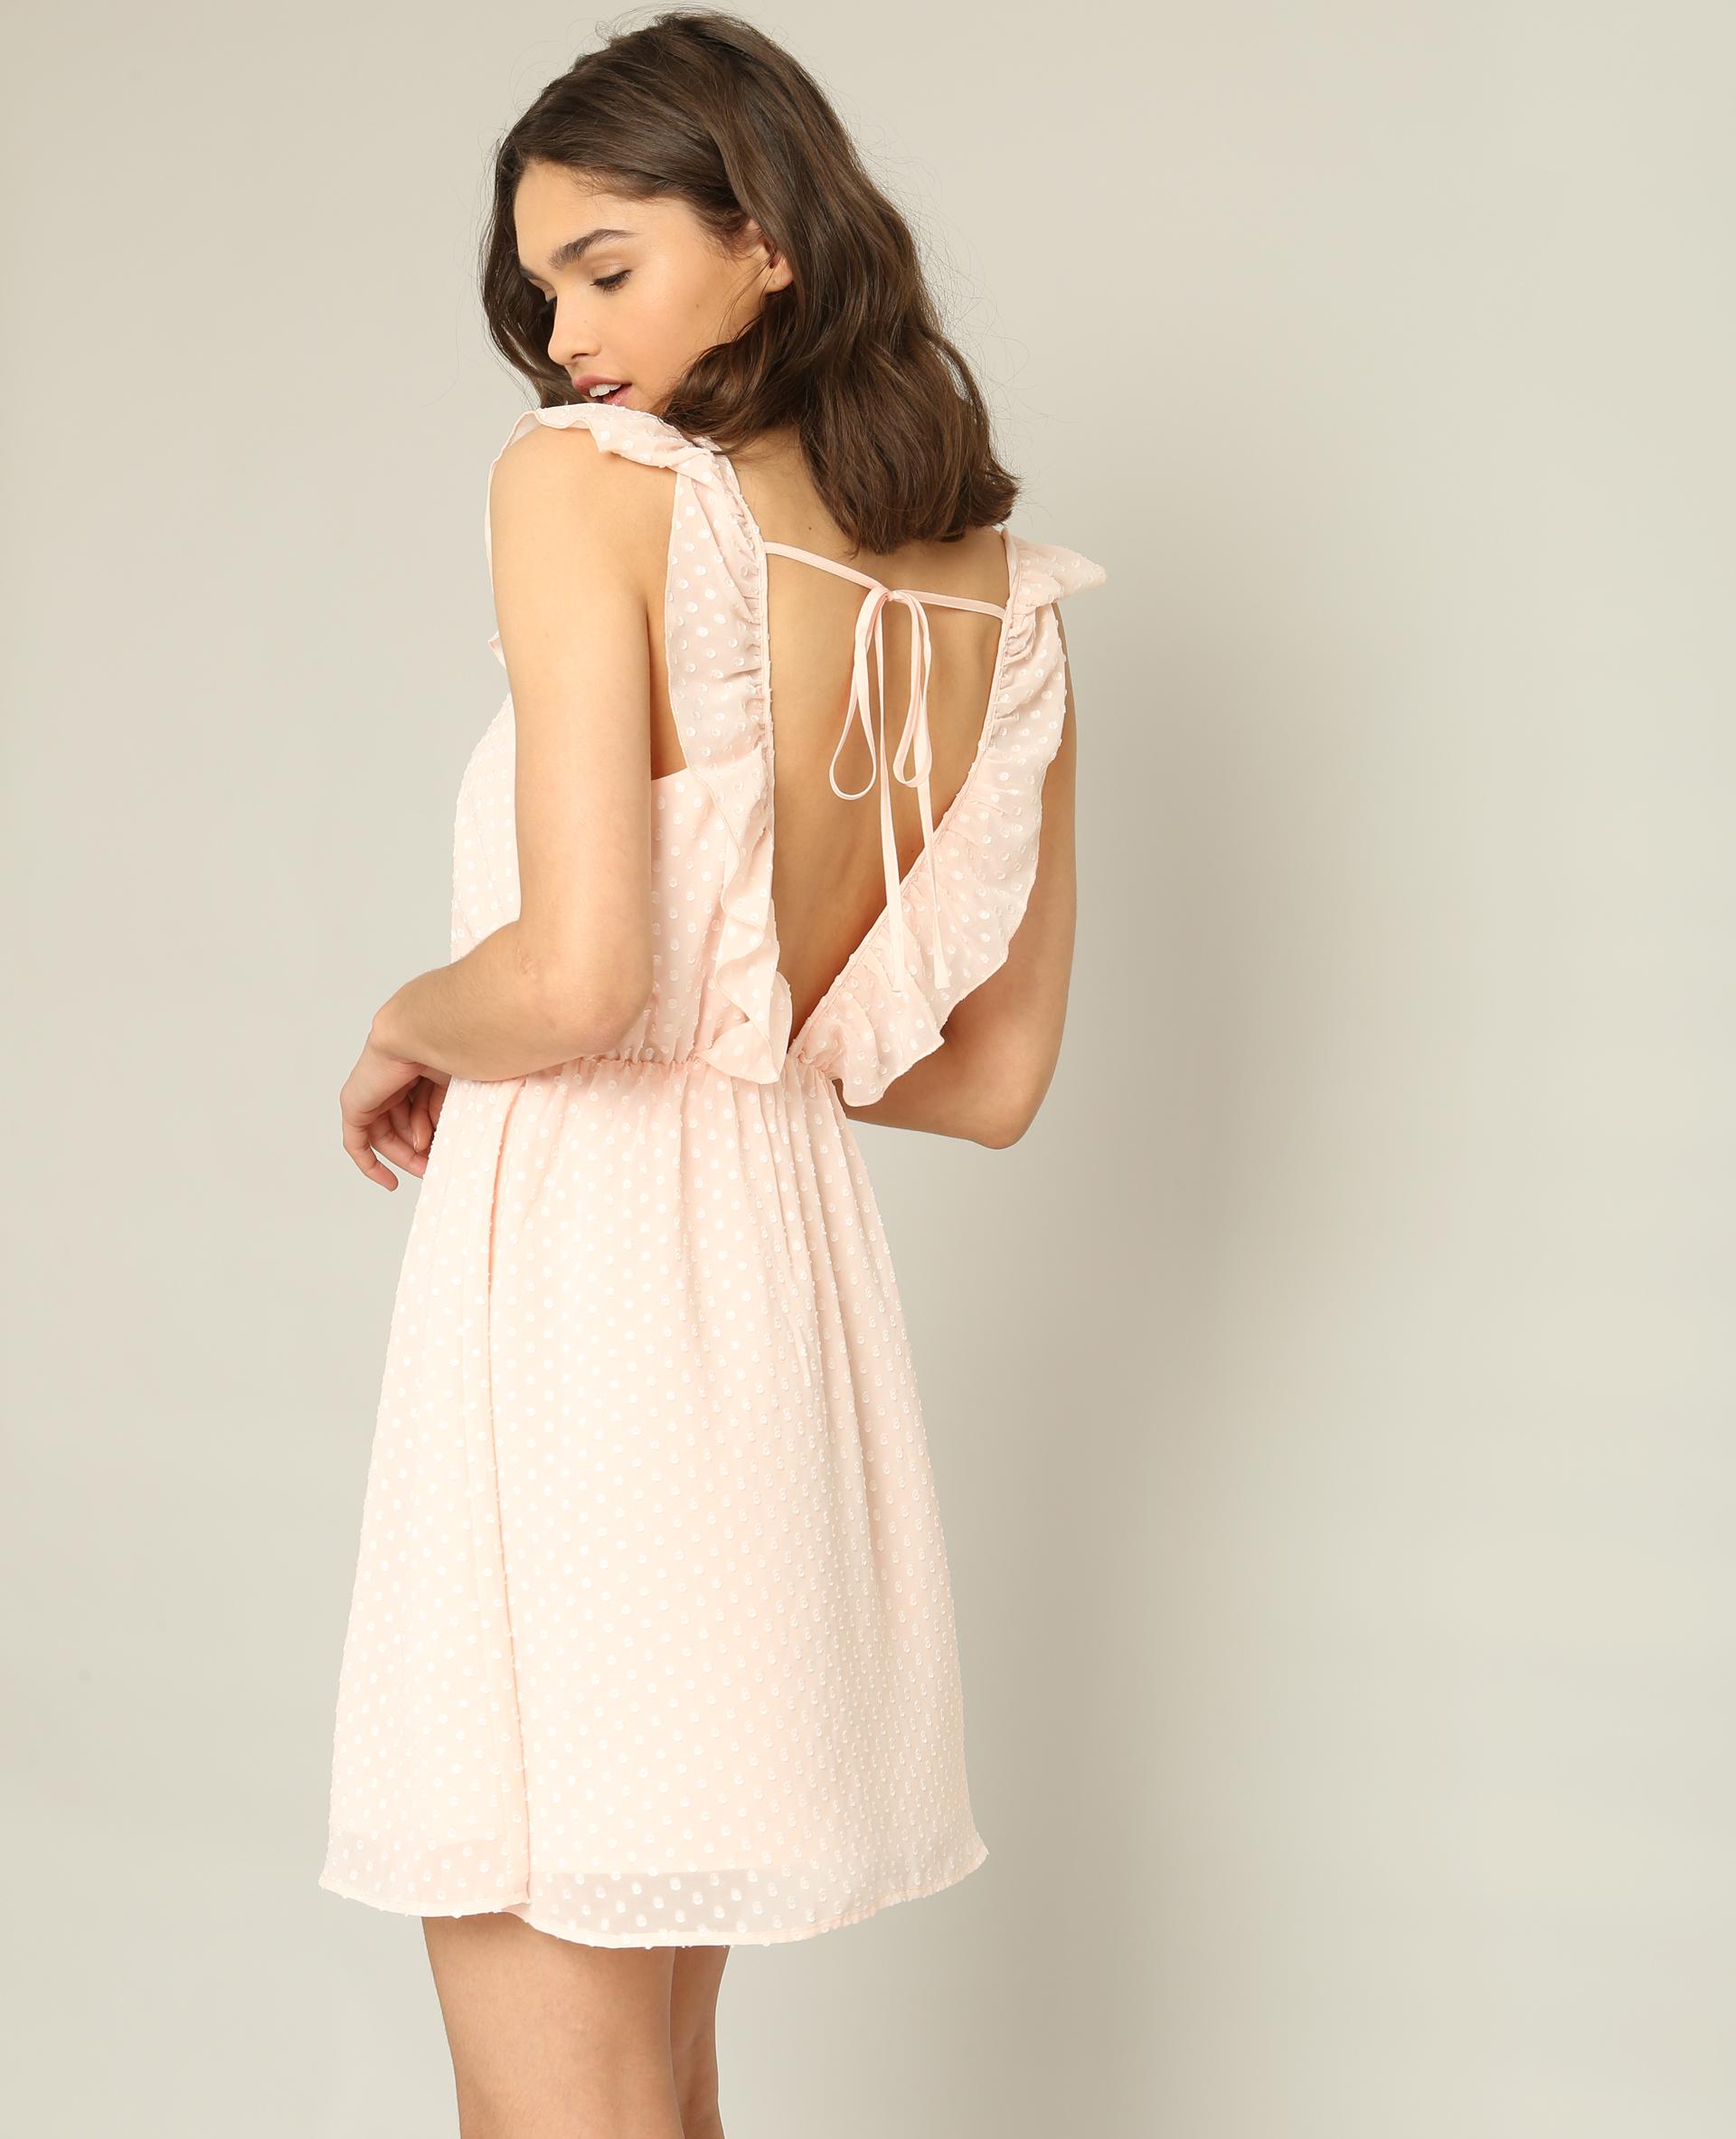 Robe en plumetis rose pâle - Pimkie